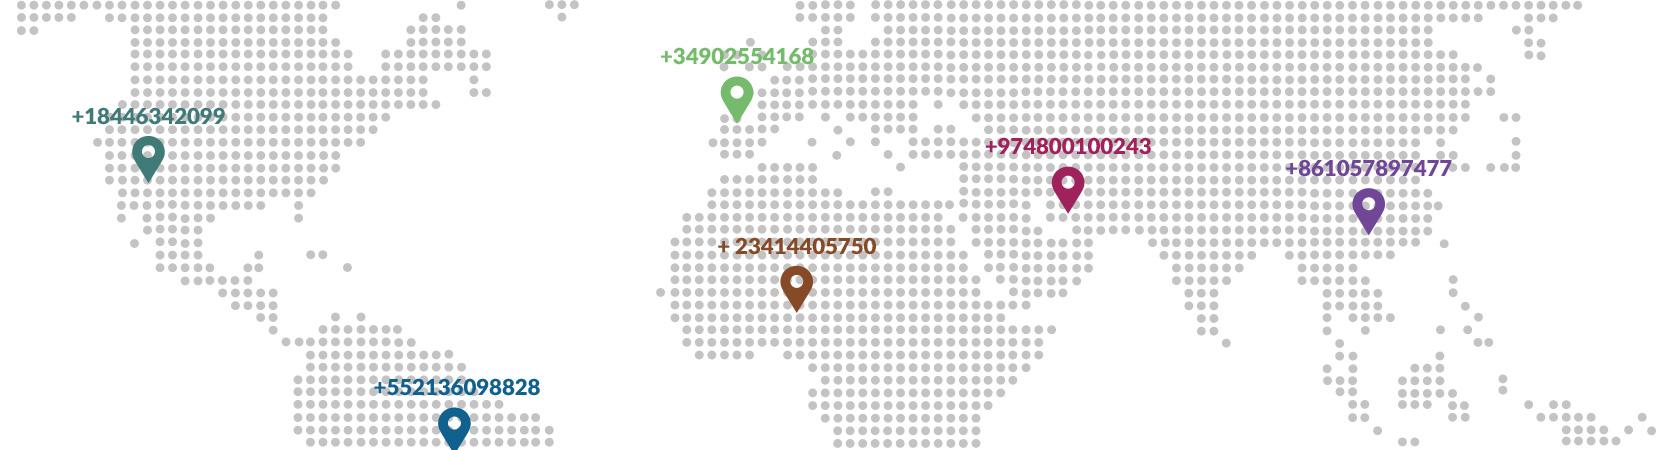 Números virtuales - Productos - Dialoga Group